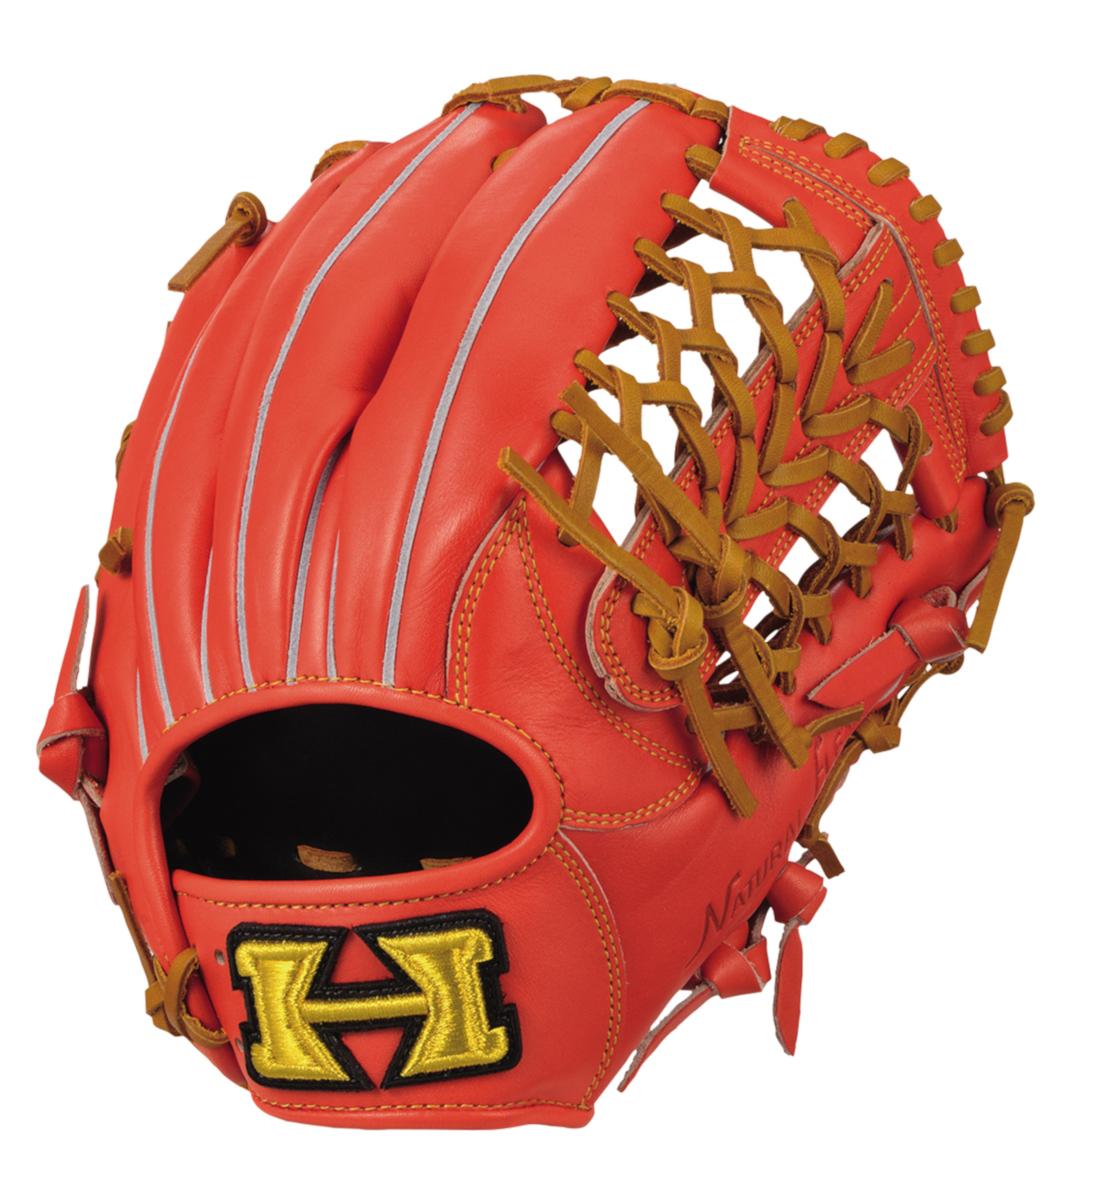 ハイゴールド 軟式野球グラブ 己極シリーズ 三塁手・オールポジション用グローブ ファイヤーオレンジ×タン OKG6435